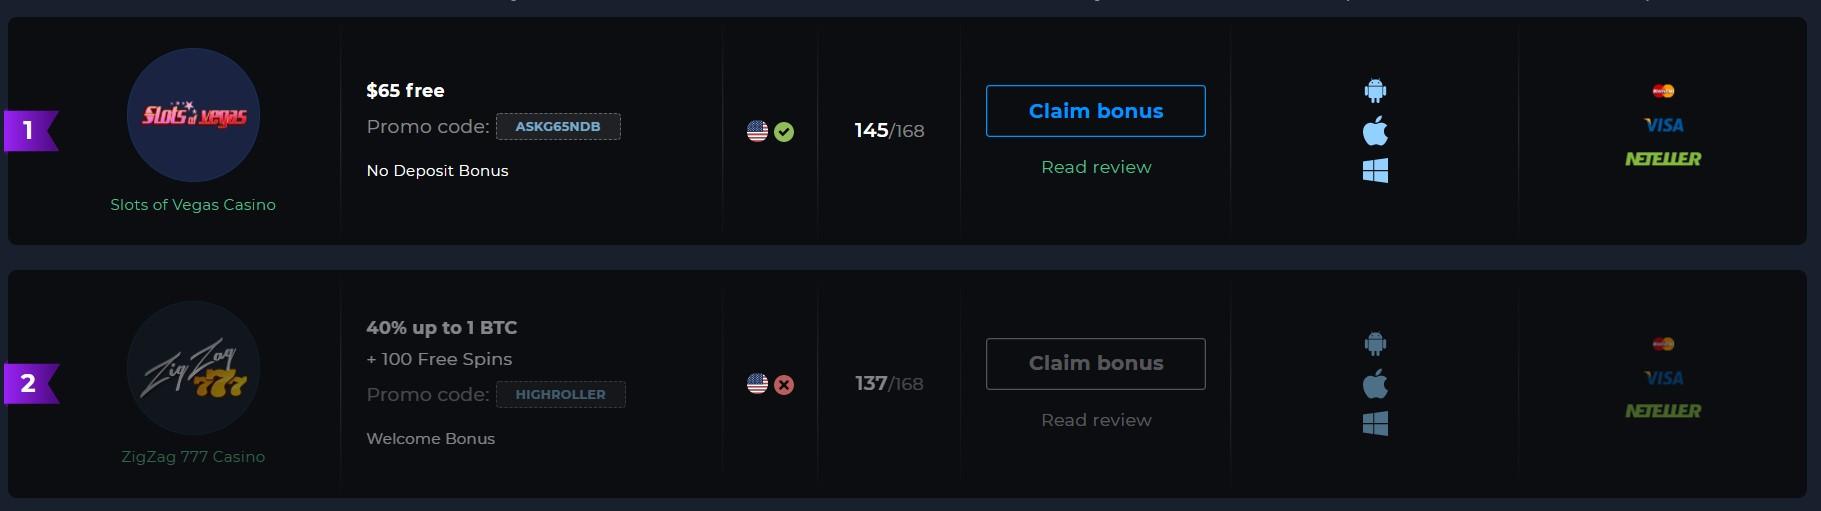 How to Claim 65 Dollars Bonus